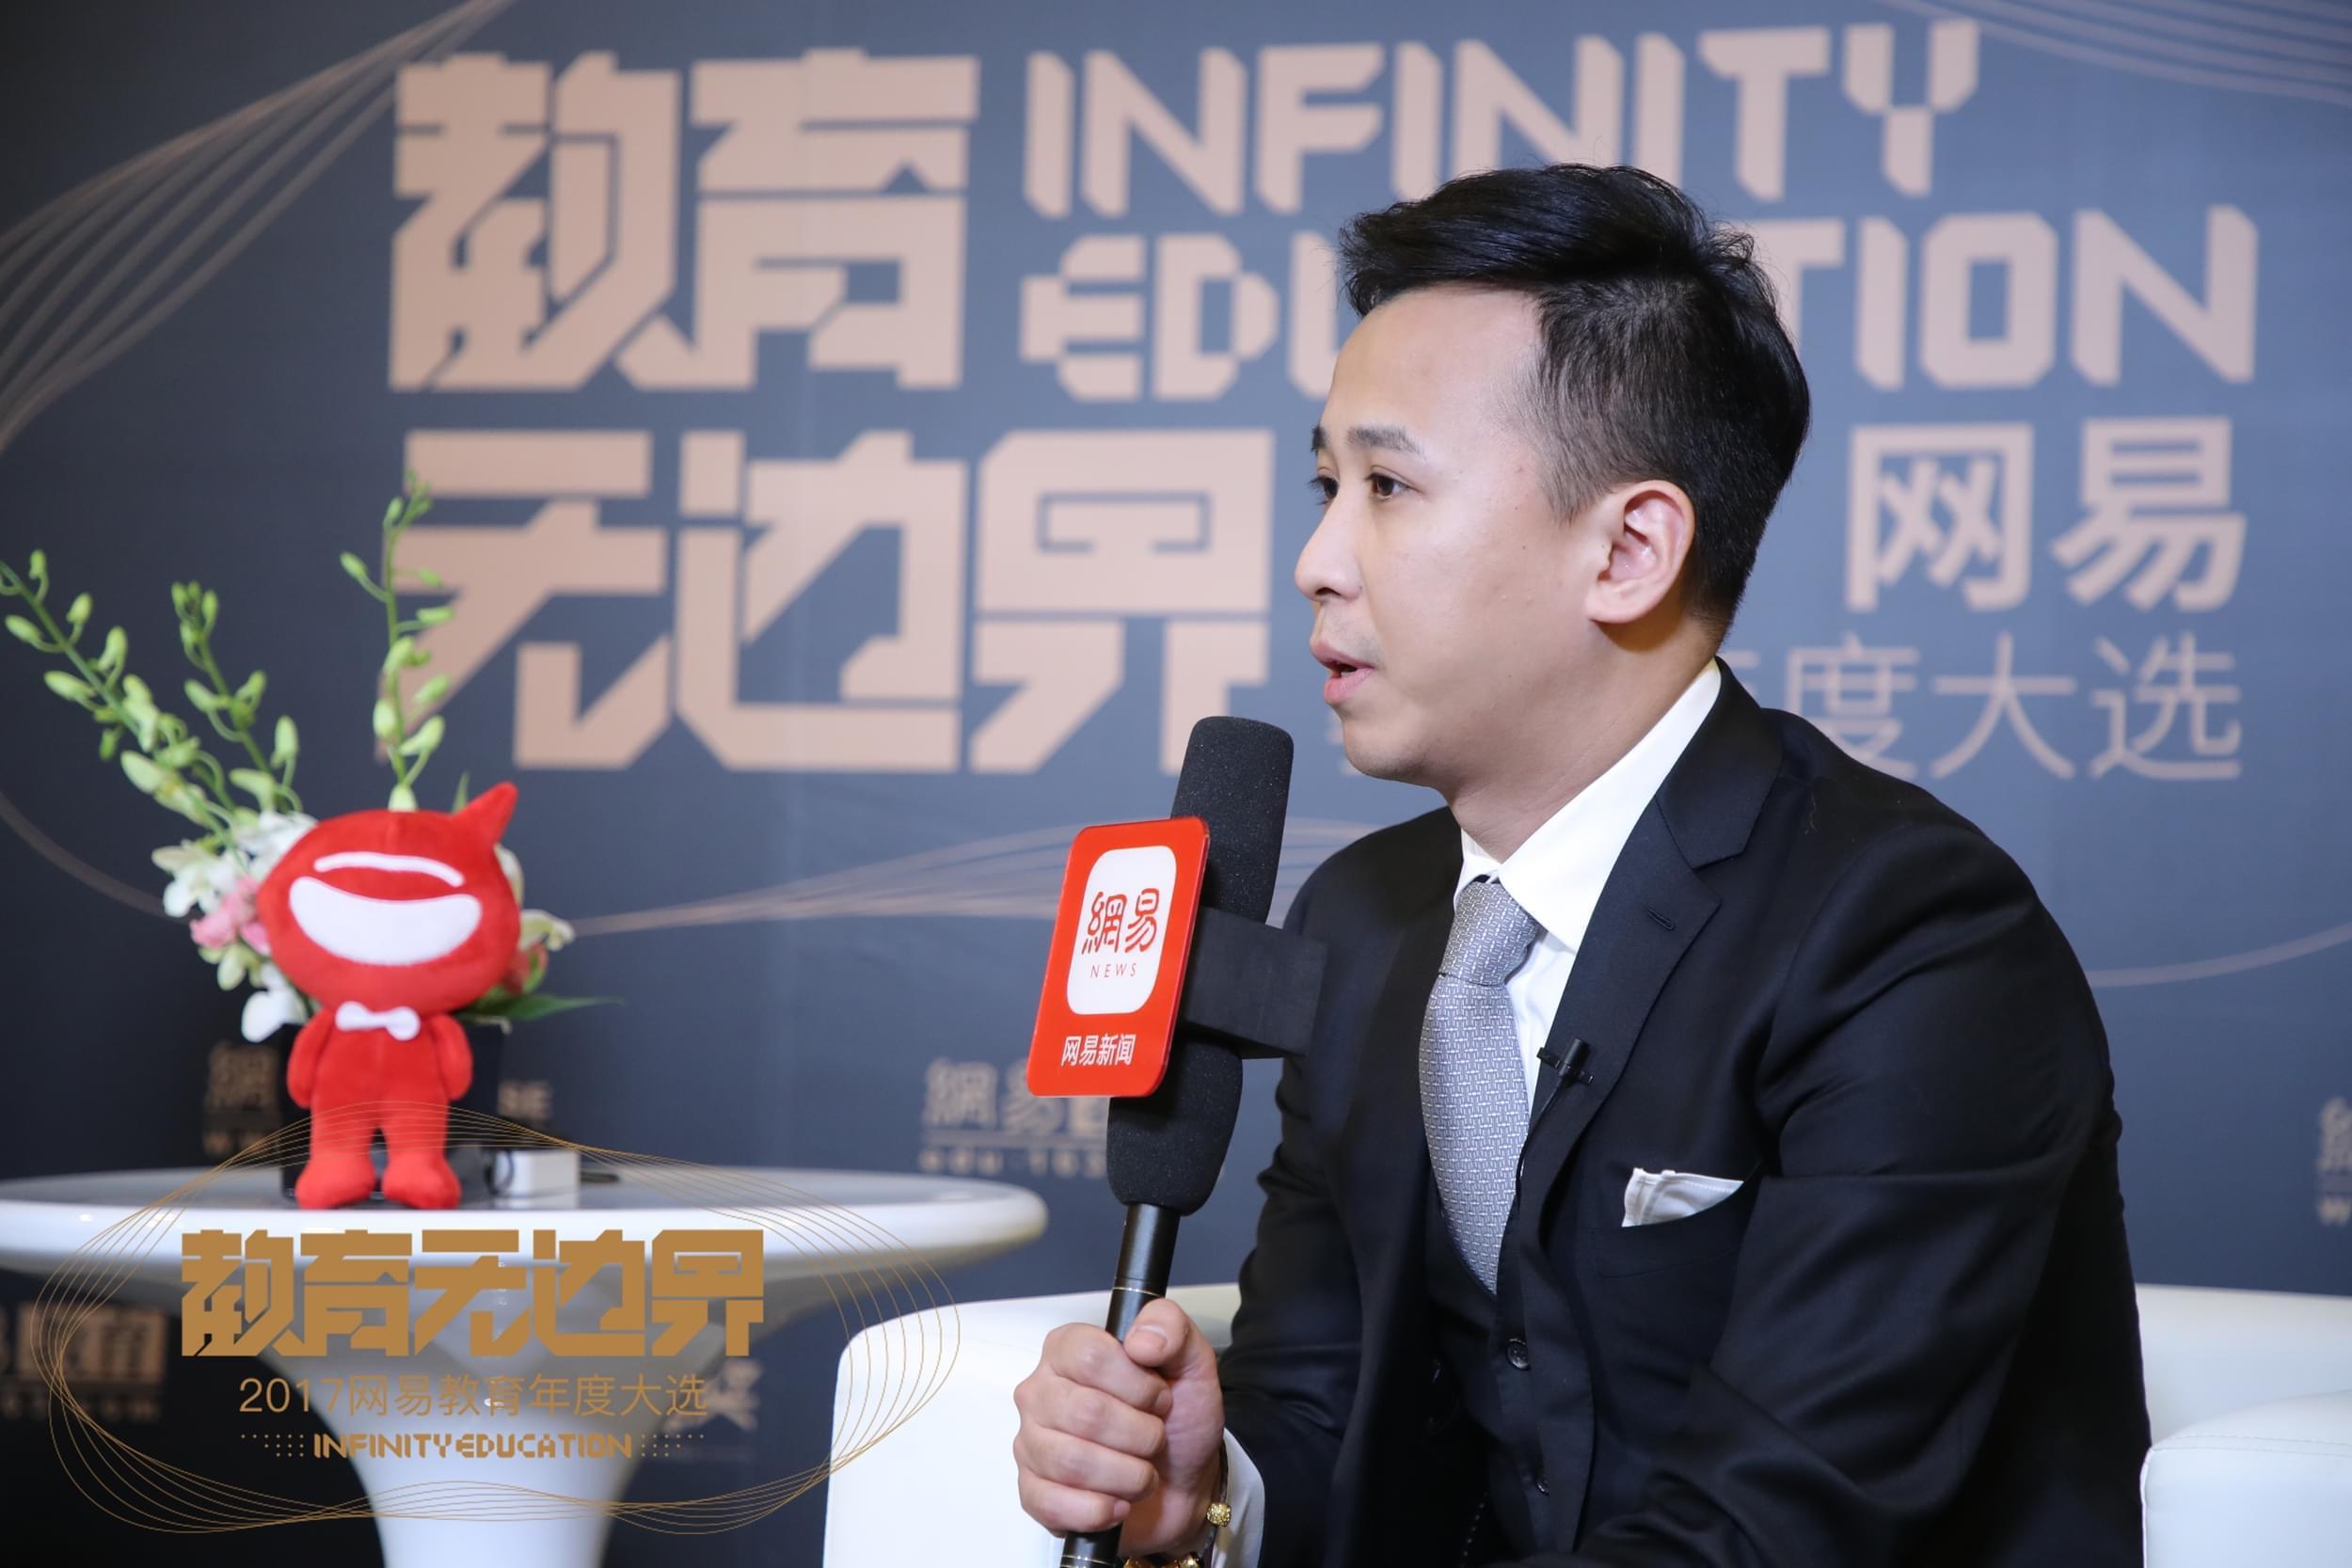 PS-ONE品思国际艺术教育CEO赵浩贤:专注艺术留学